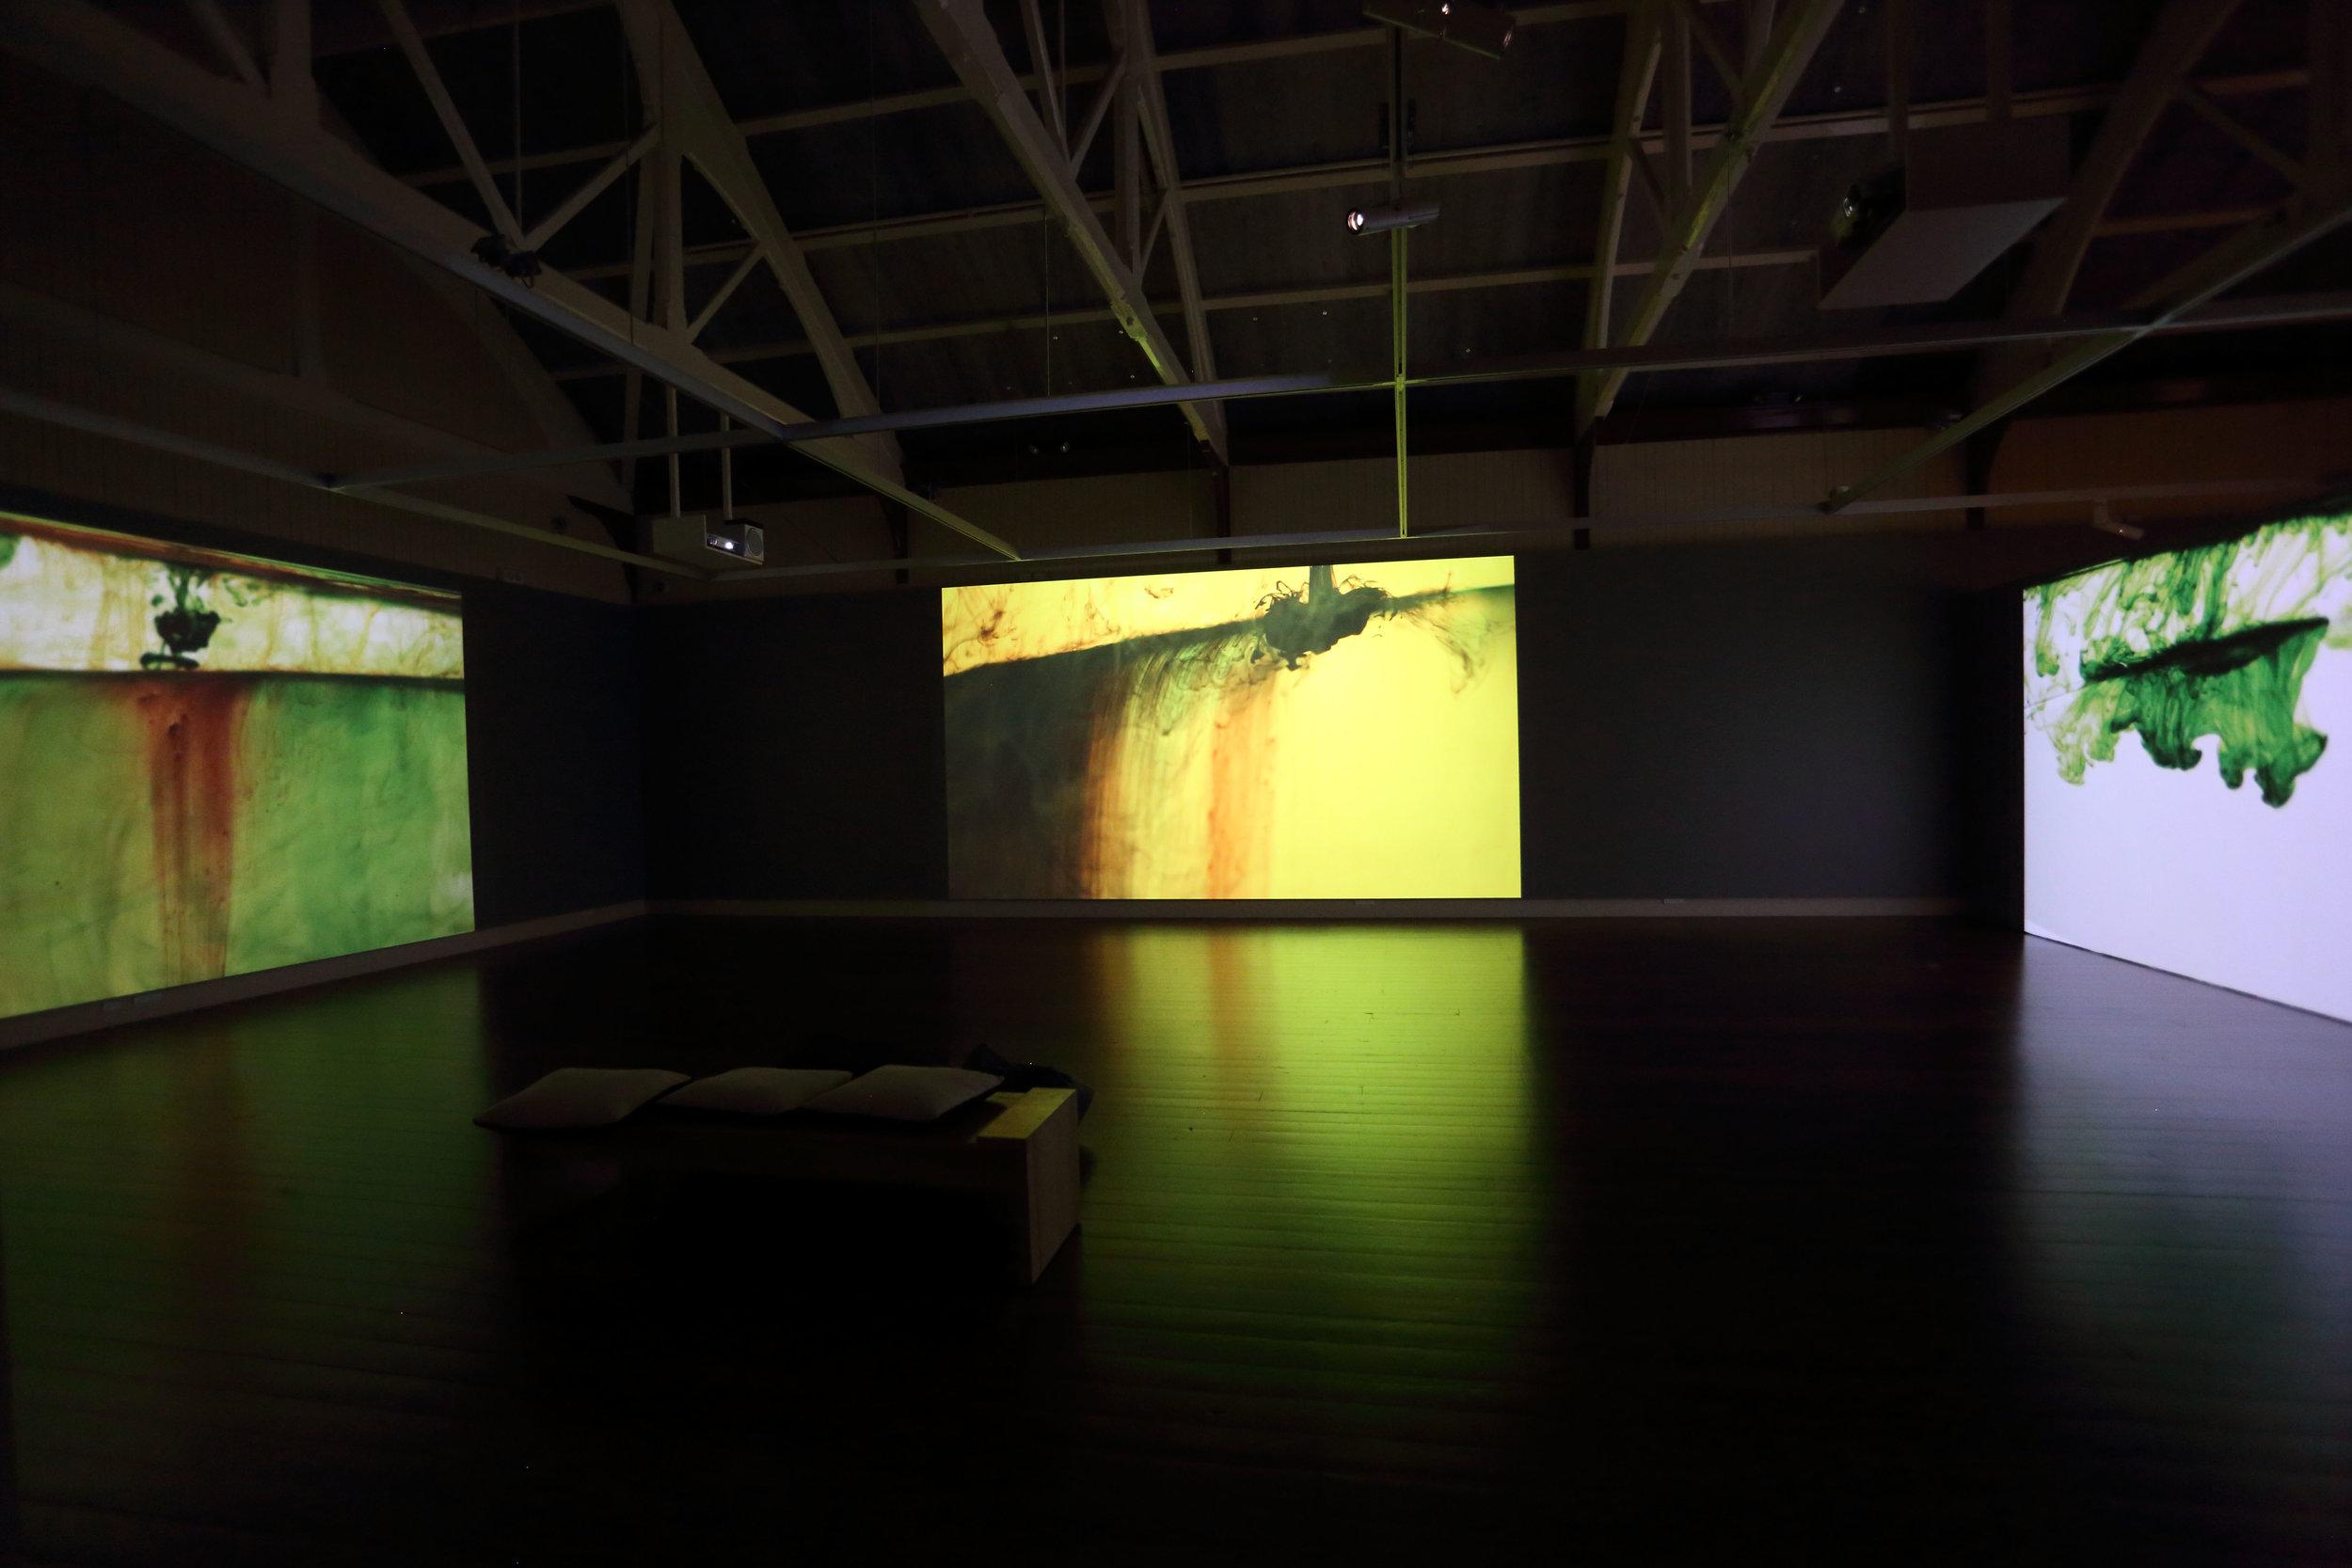 Installation view: Vincent Ward,  Palimpsest / Landscapes